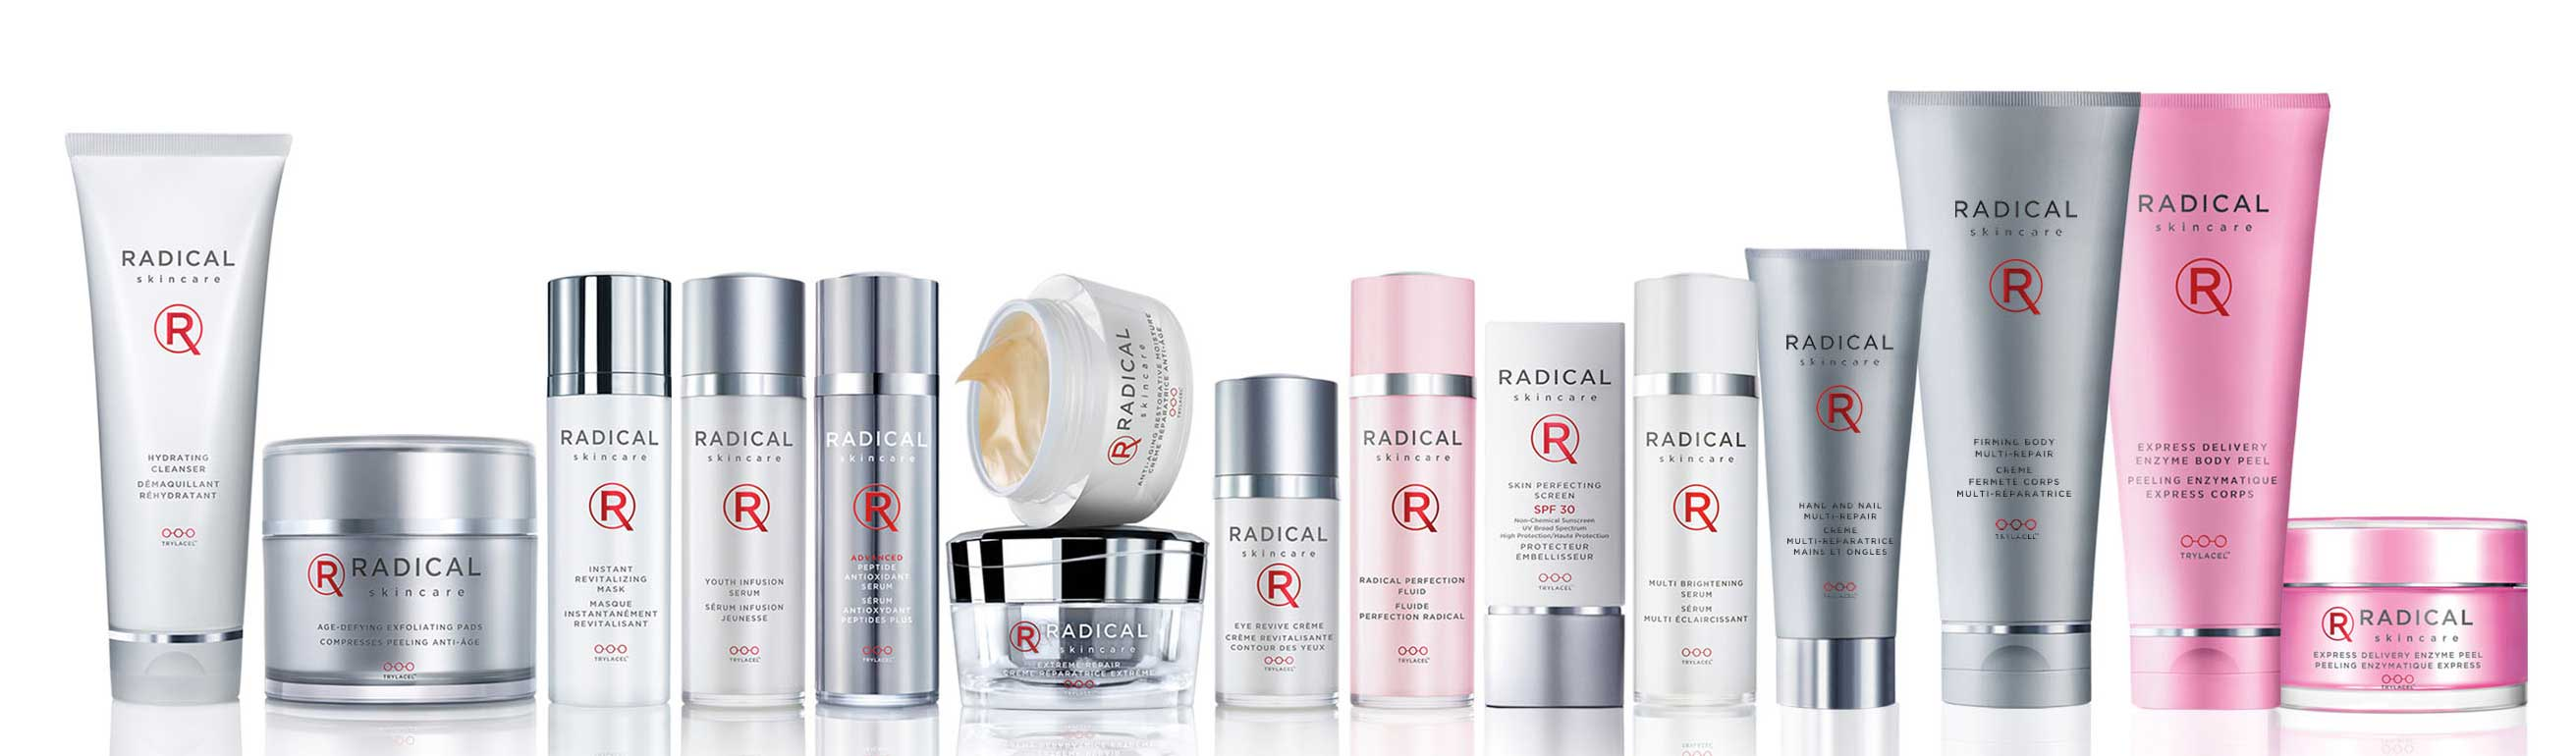 ab7005c81c60 Home - Radical Skincare